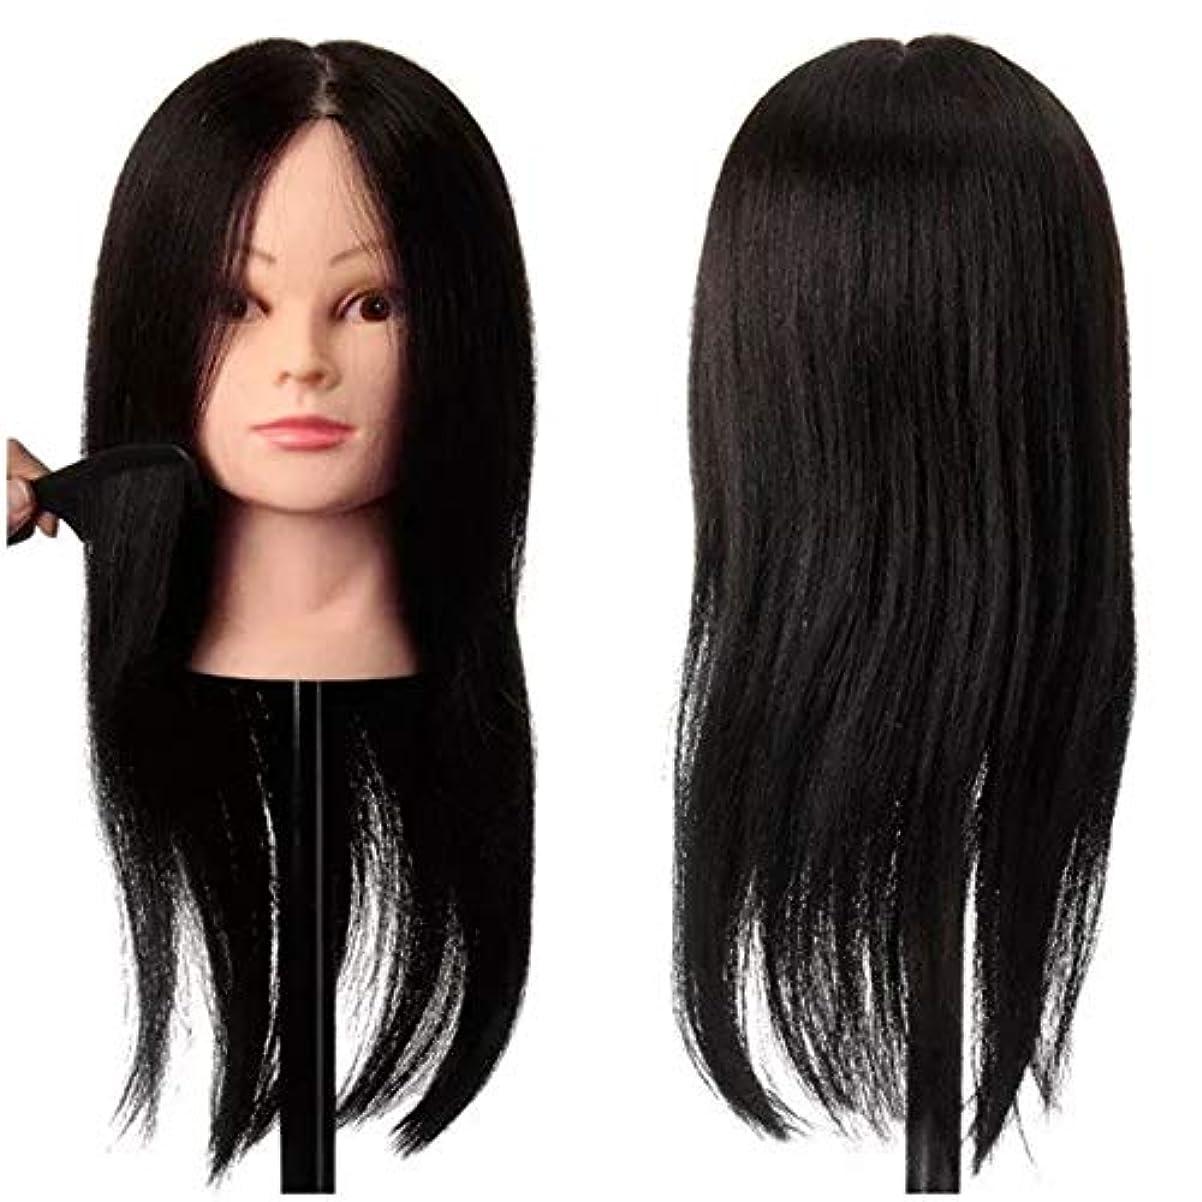 シャンパンデマンド机マネキンヘッド 100%黒の練習マネキン本物の人間の髪の毛のトレーニング頭部理髪カッティング 練習用 グマネキンヘッド (色 : ブラック, サイズ : 25*16*12cm)